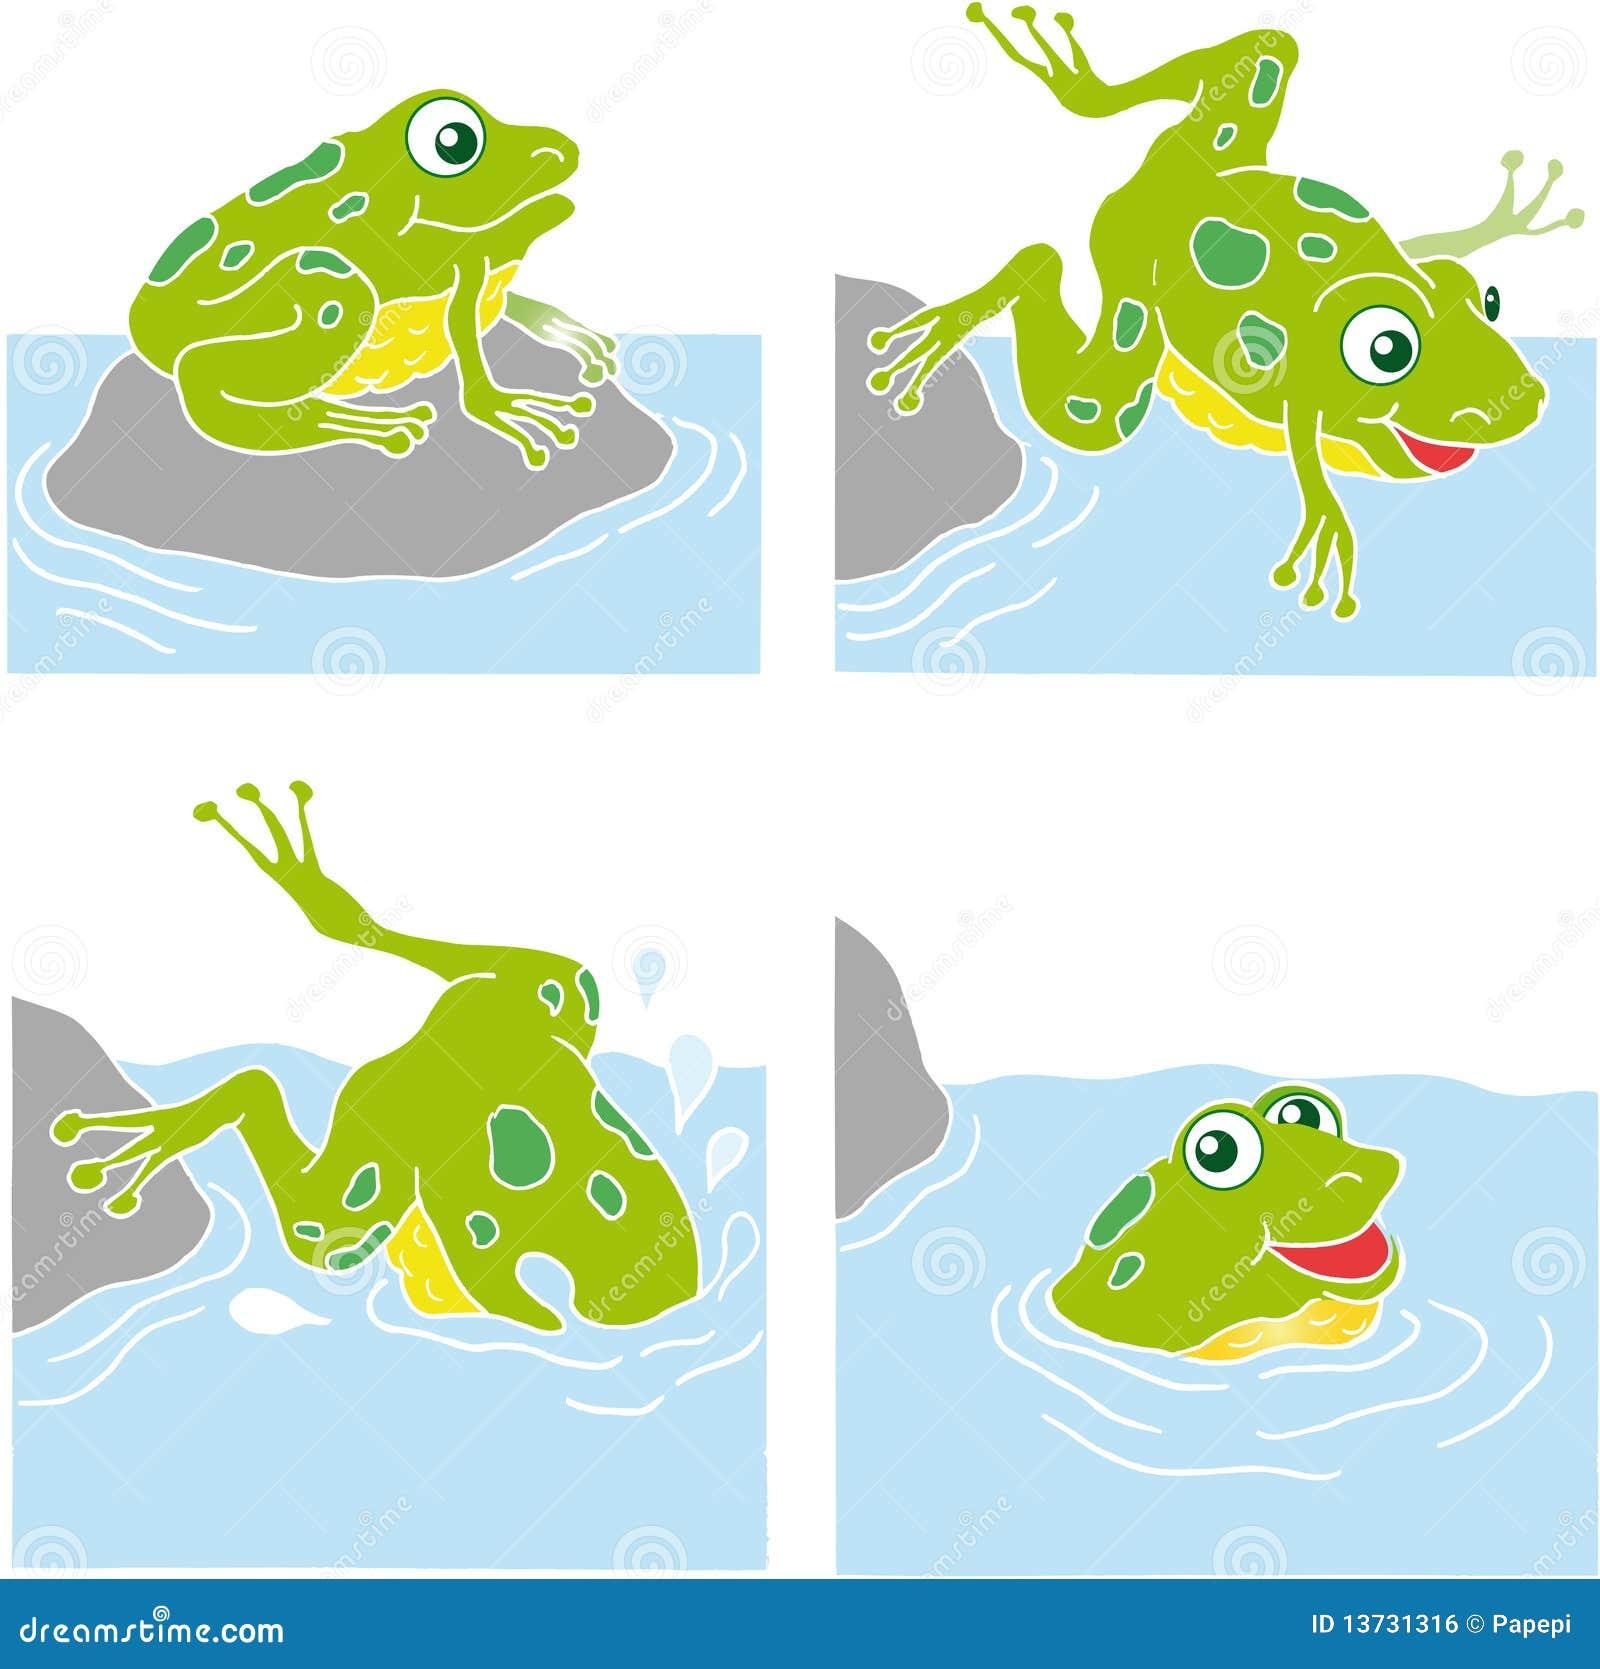 Jumping frog clip art